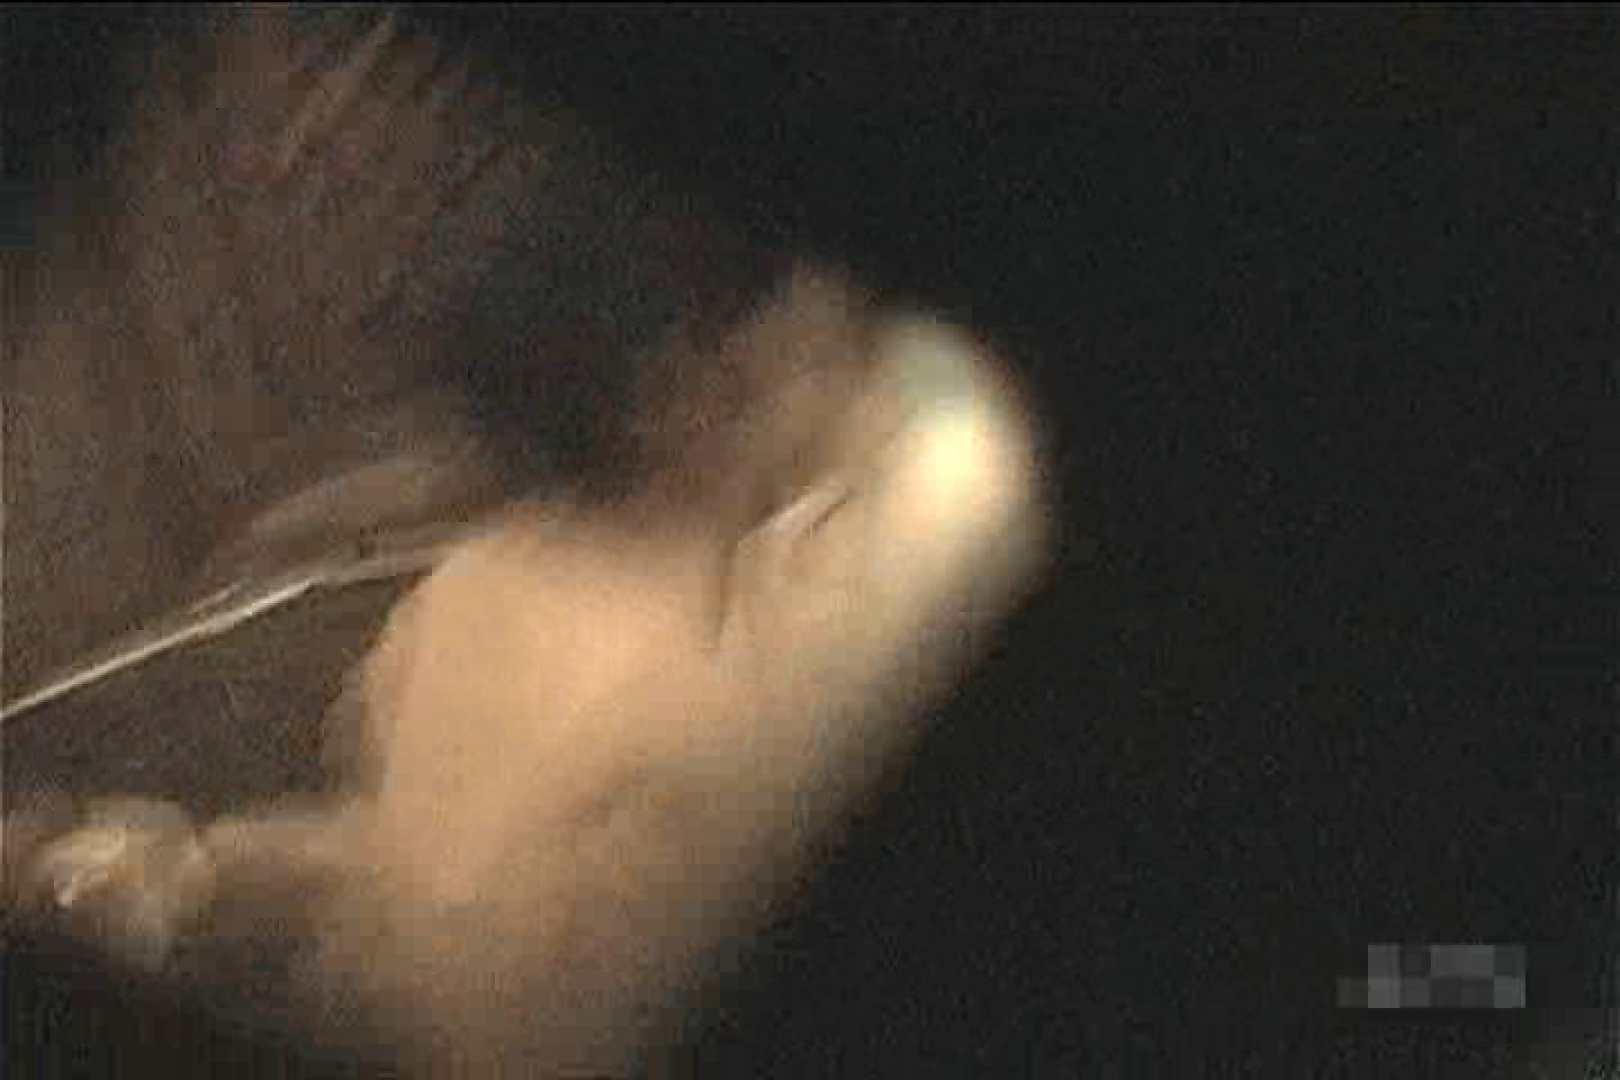 激撮ストーカー記録あなたのお宅拝見しますVol.8 プライベート | カップル盗撮  96画像 19